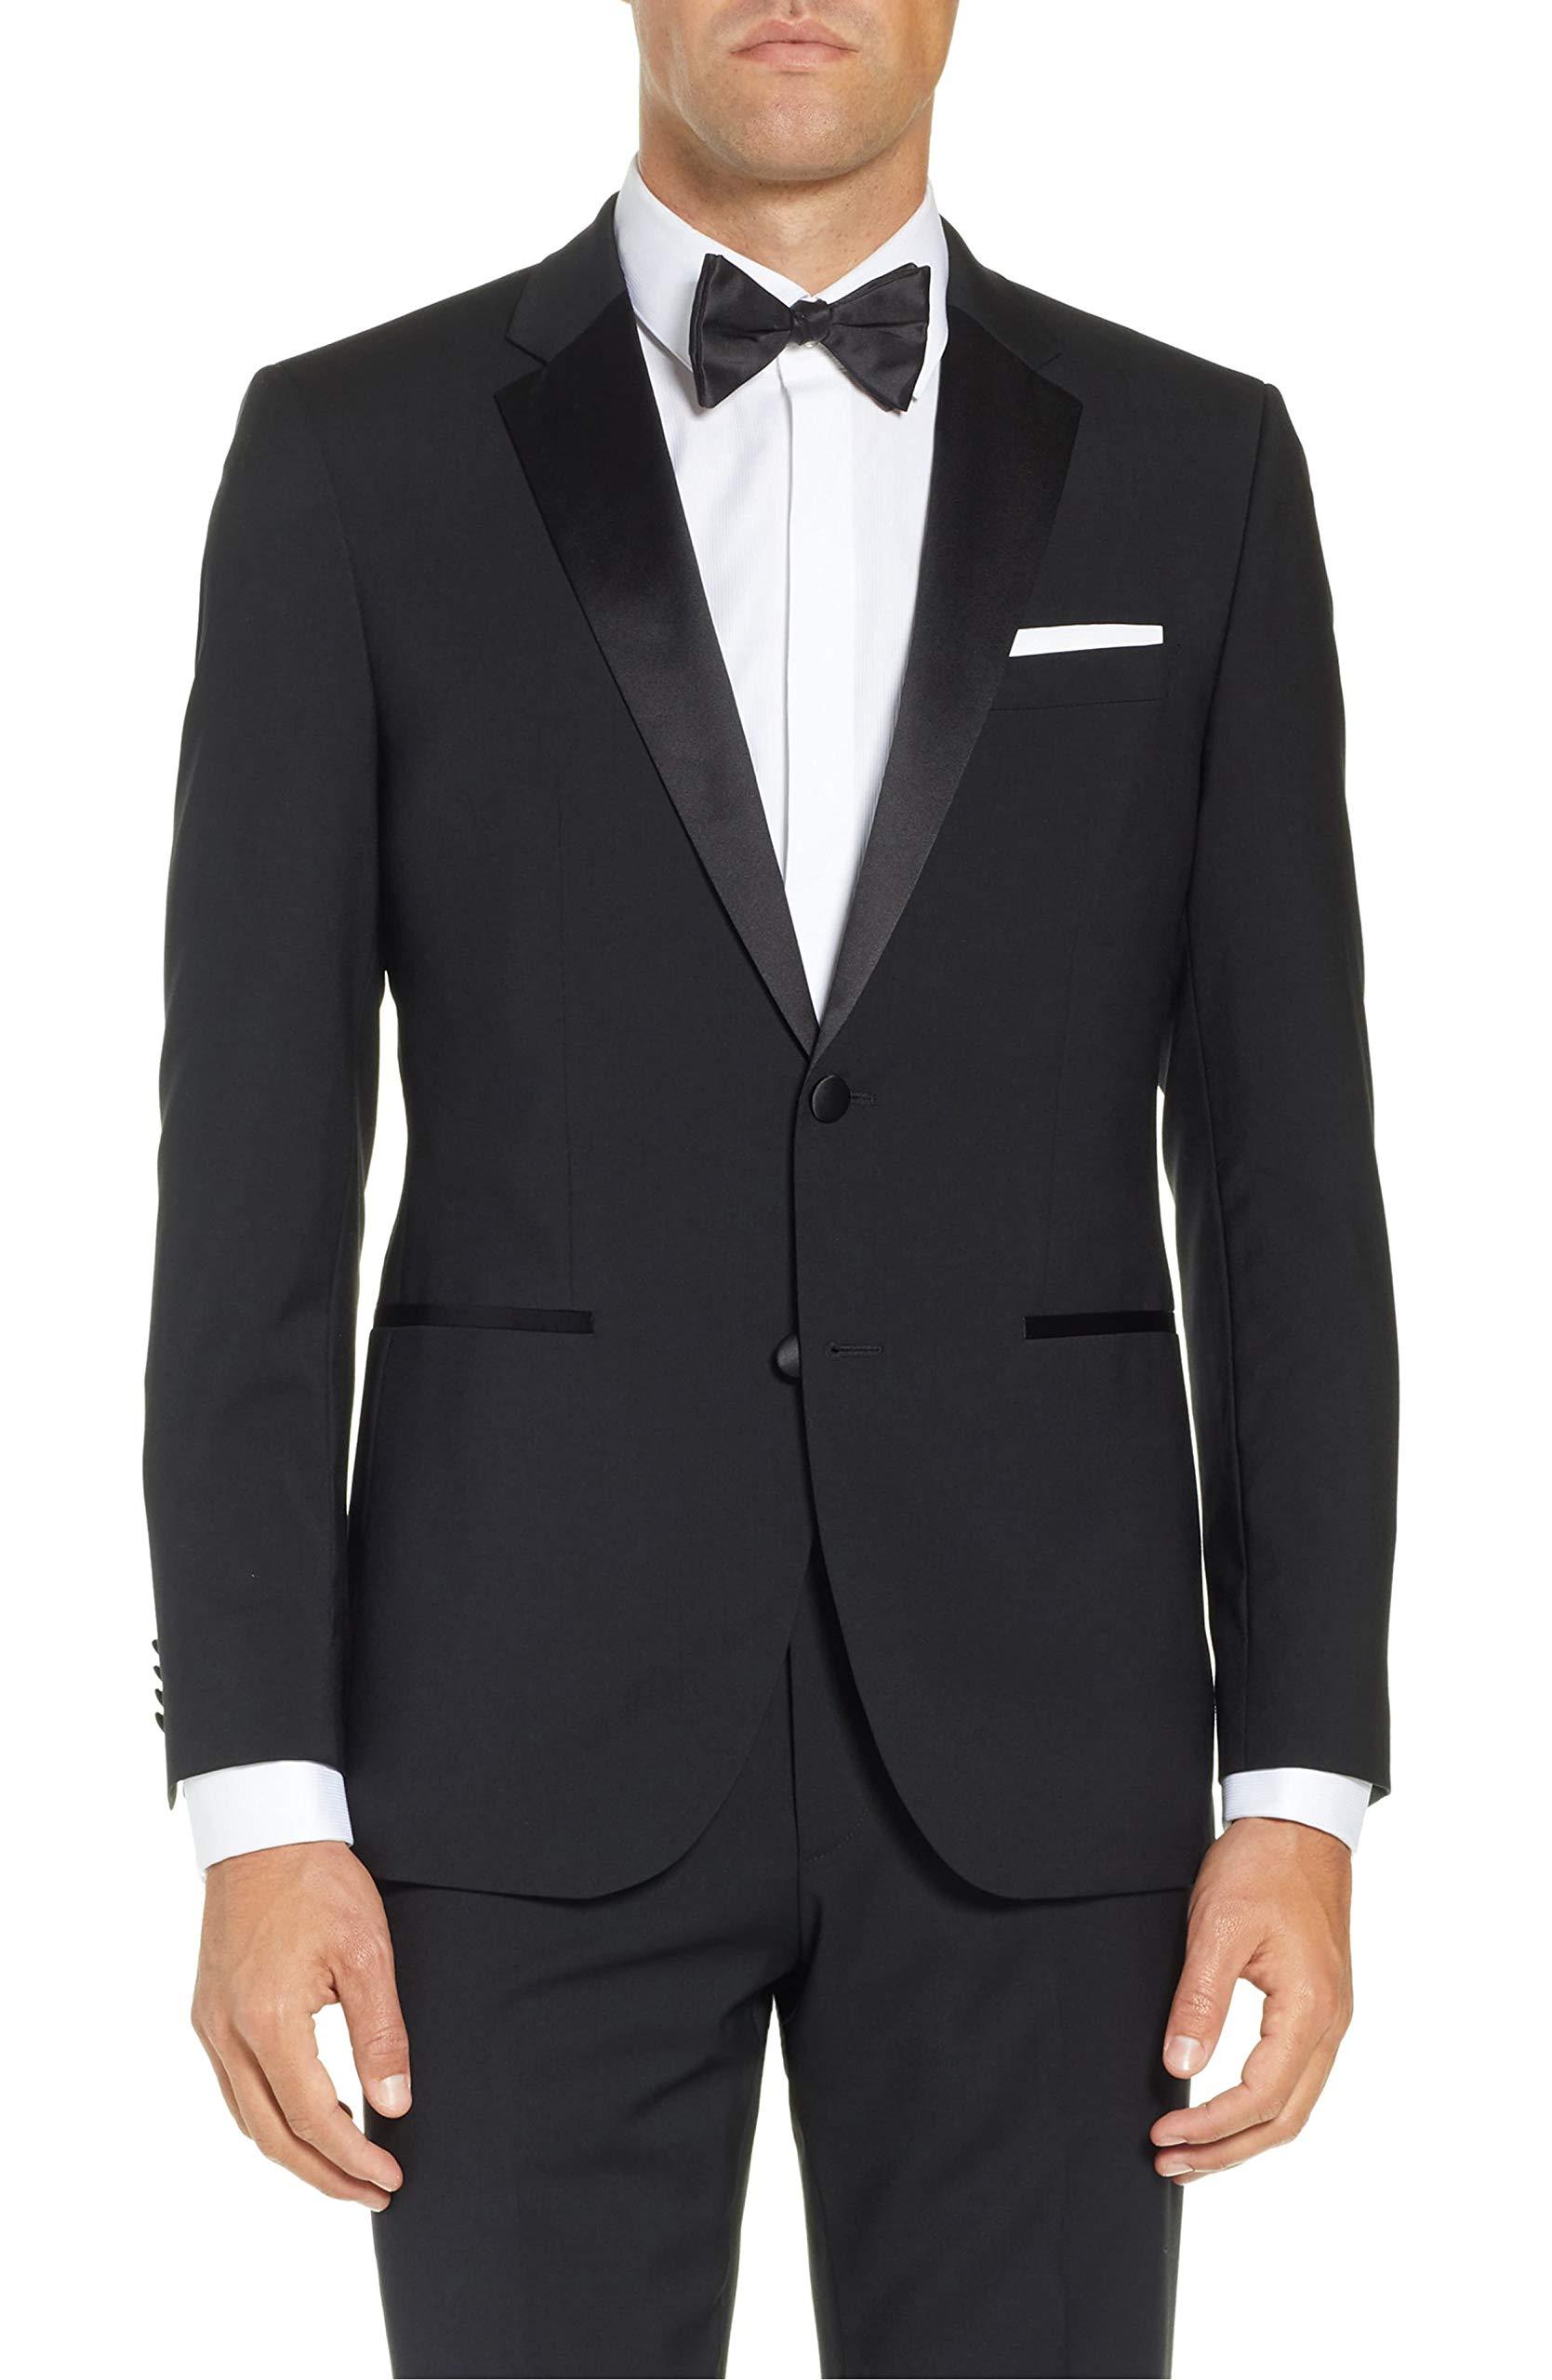 Adam Baker Men's BL501 Classic Fit Tuxedo Suit - Black - 56L by Adam Baker